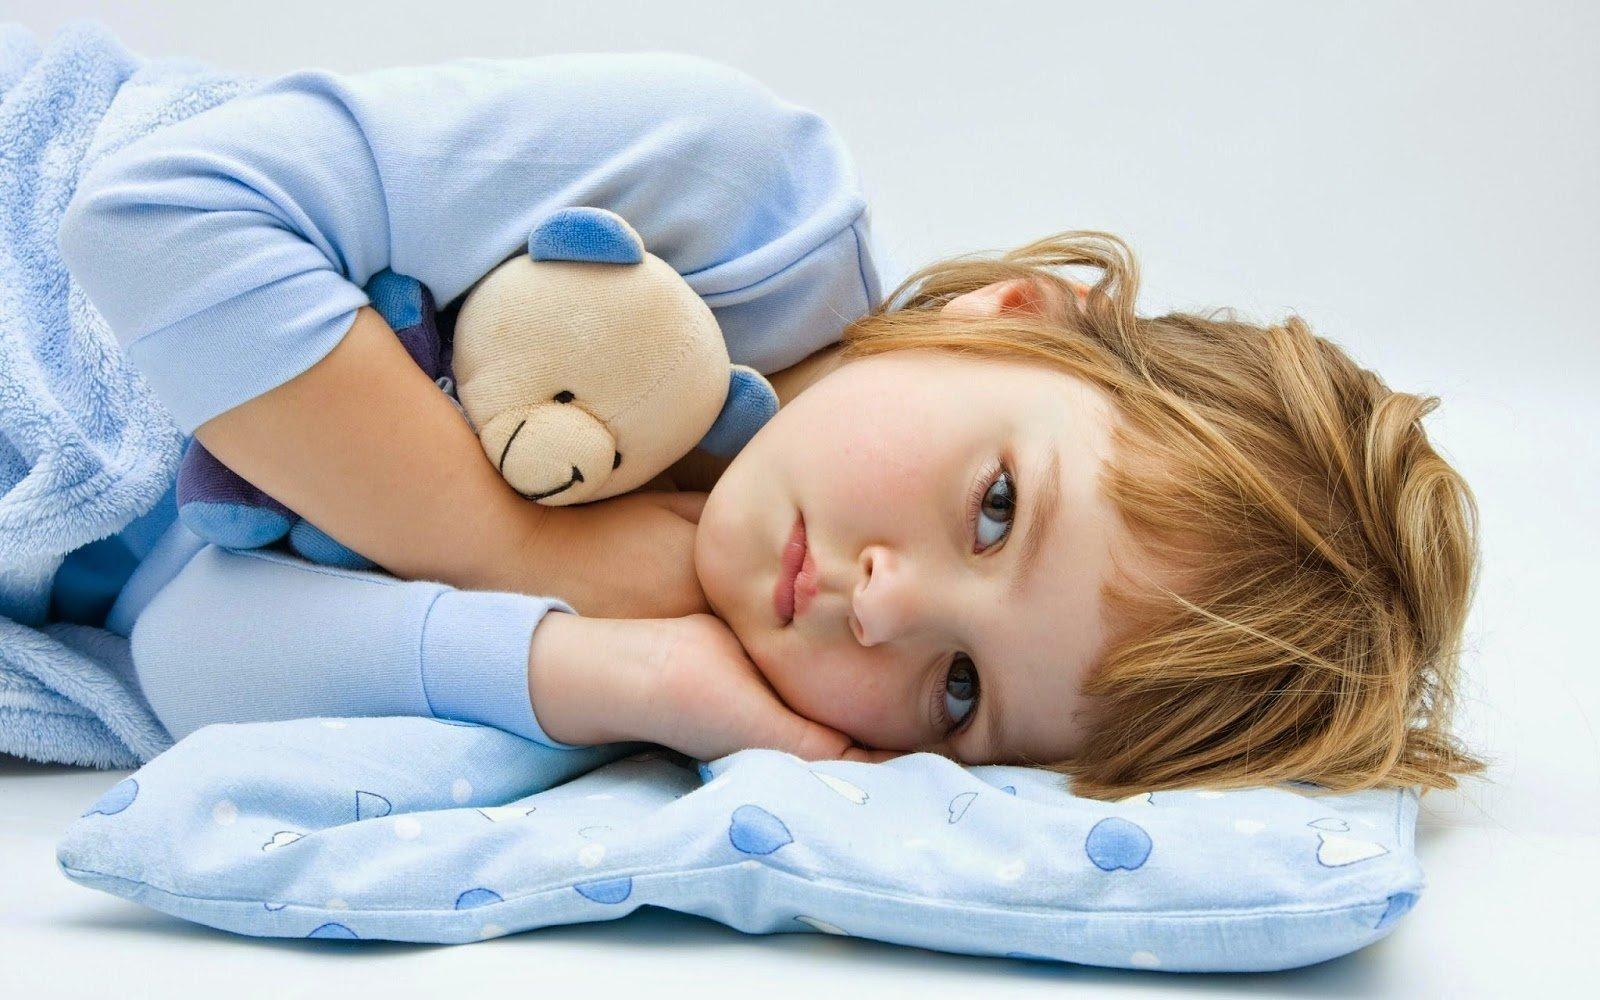 Клиническая симптоматика и особенности диагностики пиелонефрита у детей